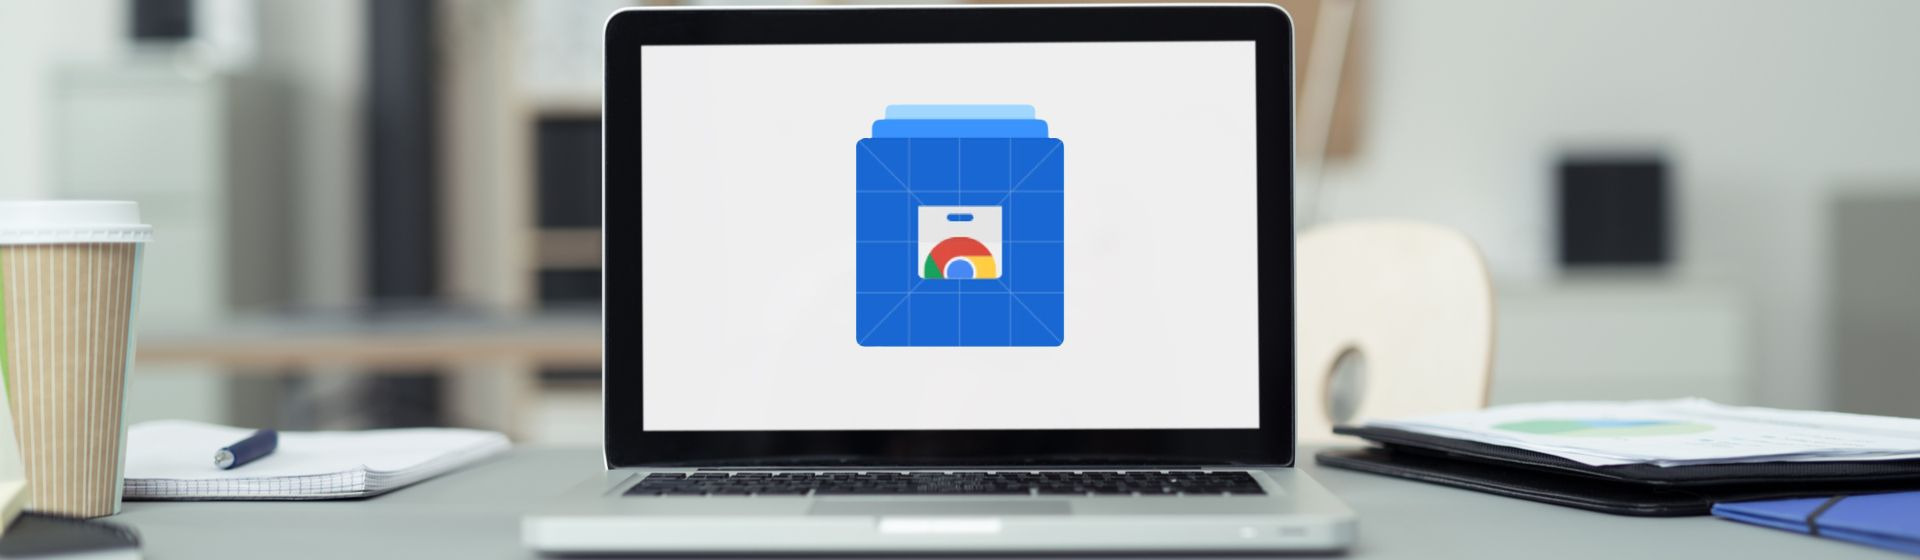 Chrome Web Store: o que é, como usar e quais as extensões mais úteis